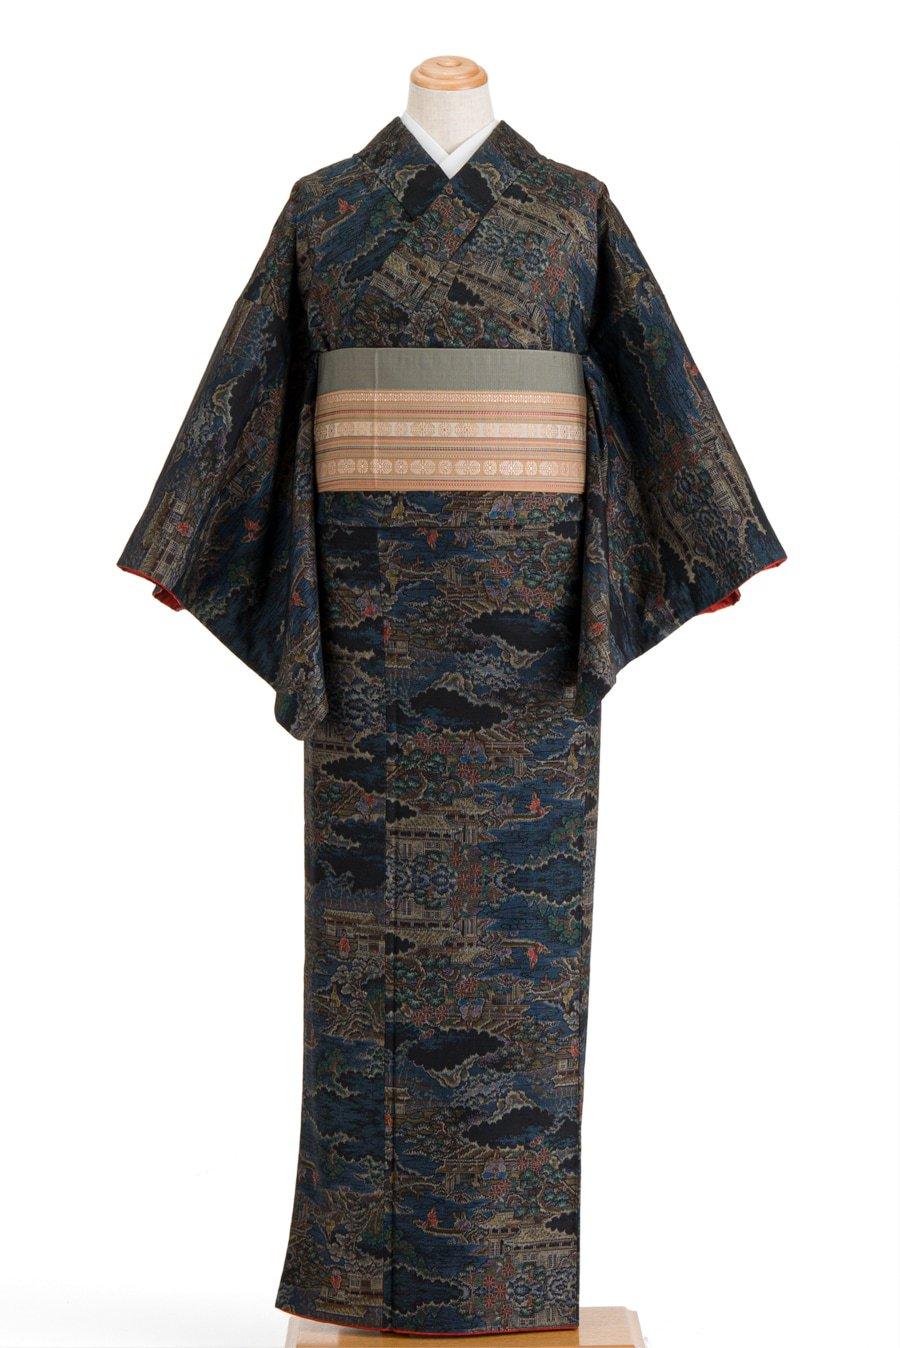 「紬 装束を纏う人々」の商品画像